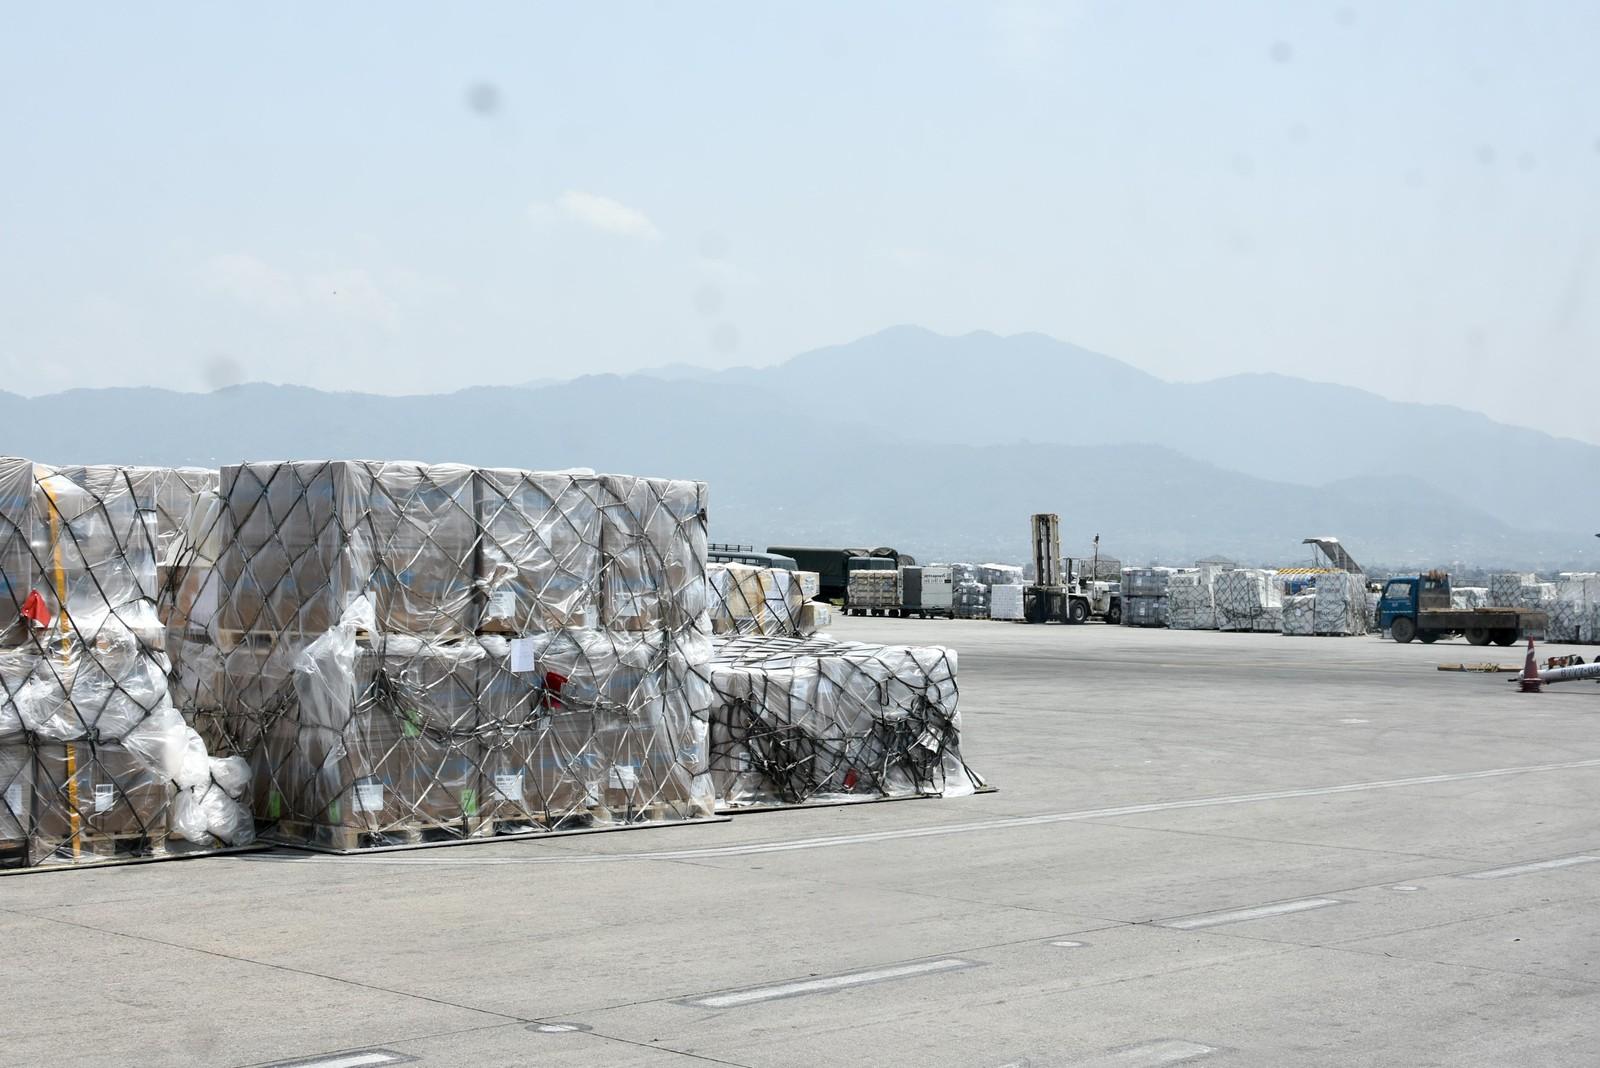 Det ble stående nødhjelp på flyplassen som tok lang tid før den kom ut til folk.